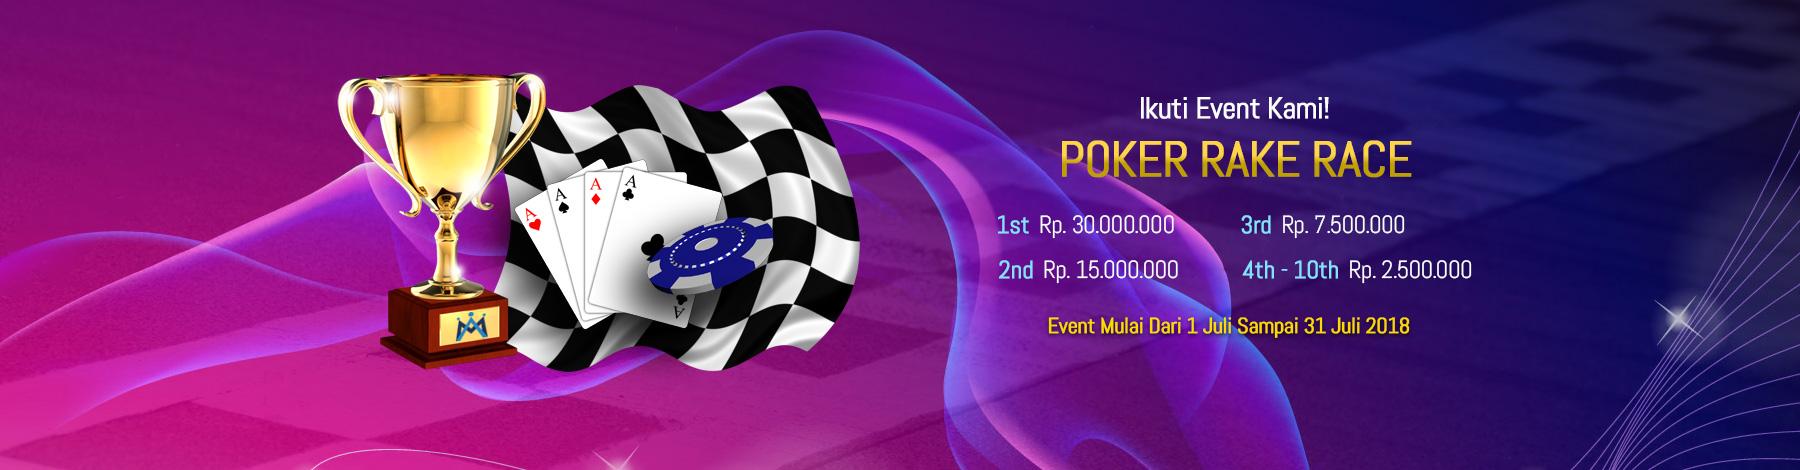 Poker Rake Race